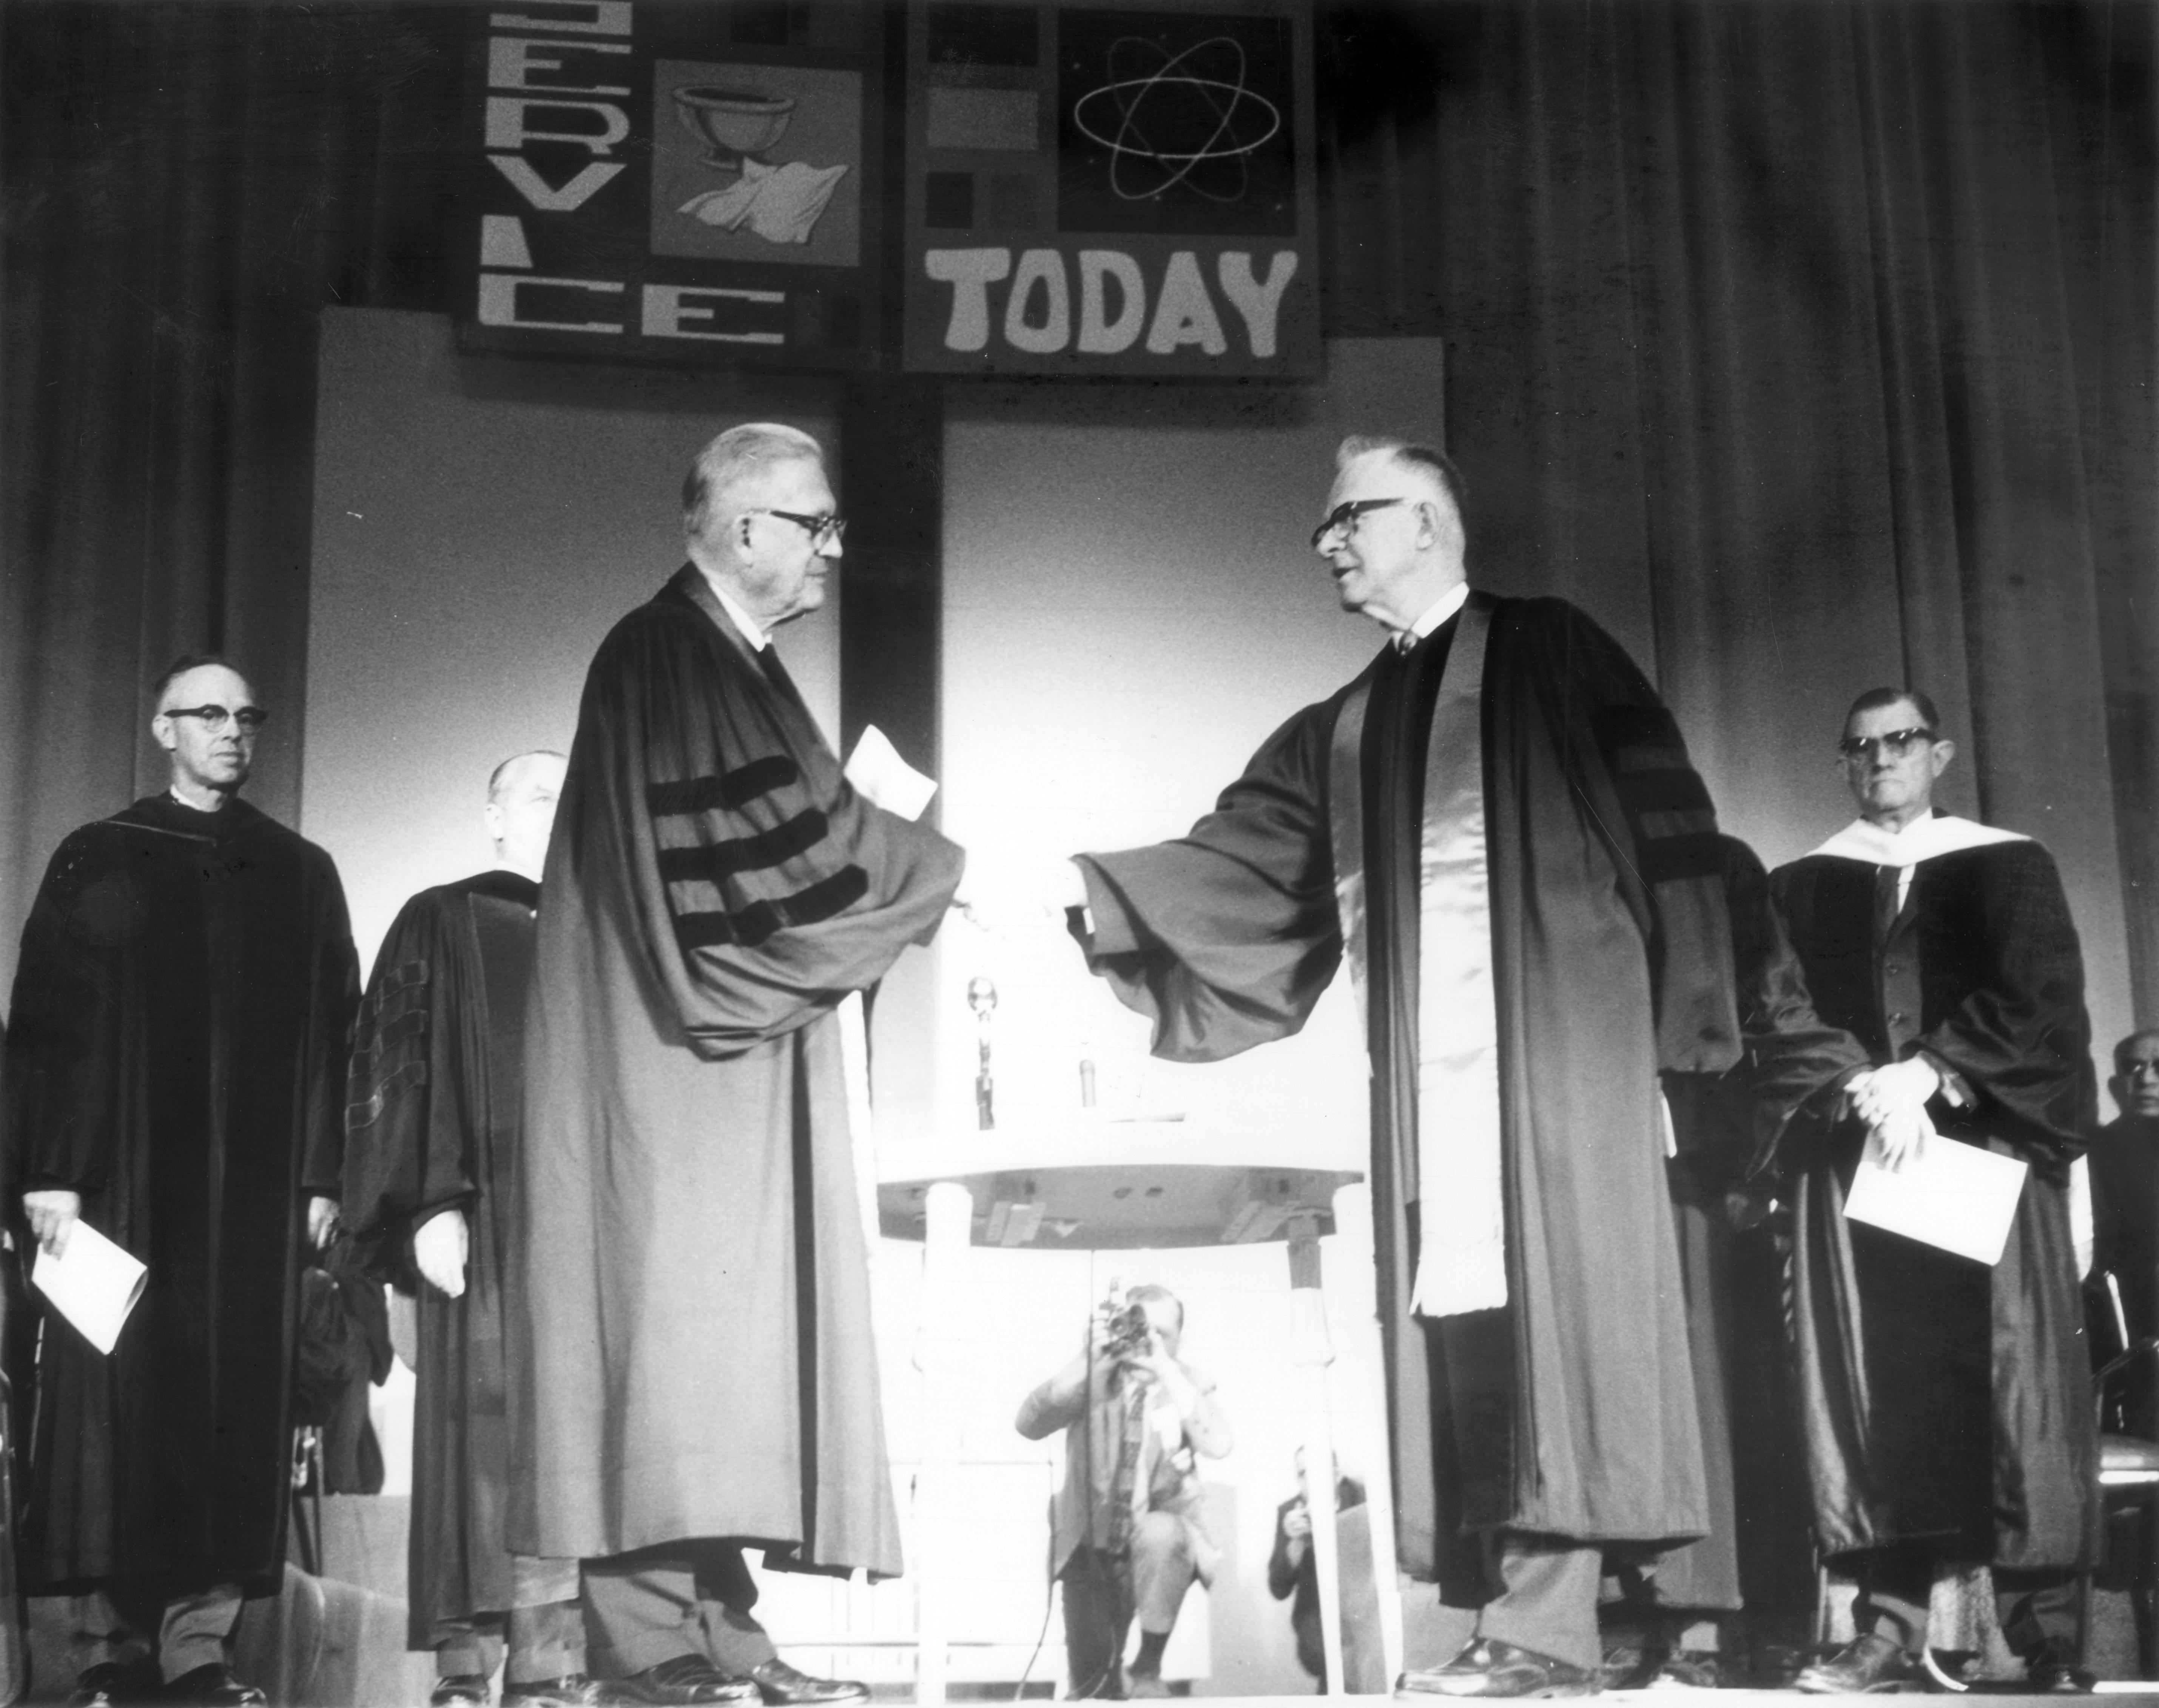 Evangelical United Brethren Bishop Bishop Reuben H. Mueller (left) and Methodist Bishop Lloyd C. Wicke